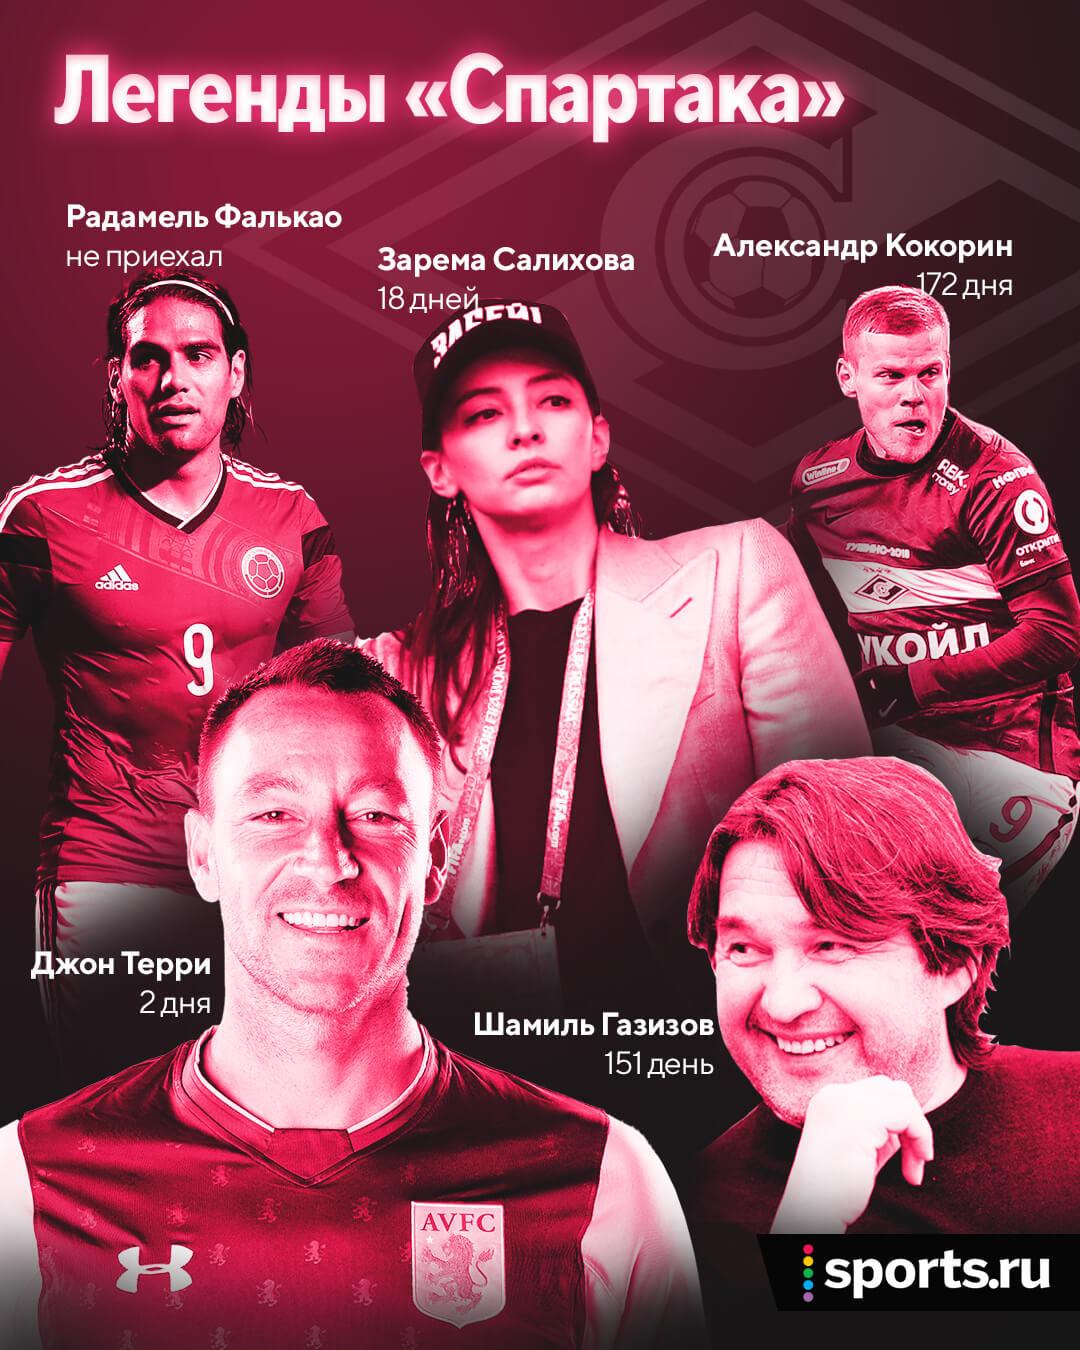 18 дней – столько Зарема Салихова пробыла в совете директоров «Спартака». Выходит, не одобрив Виторию